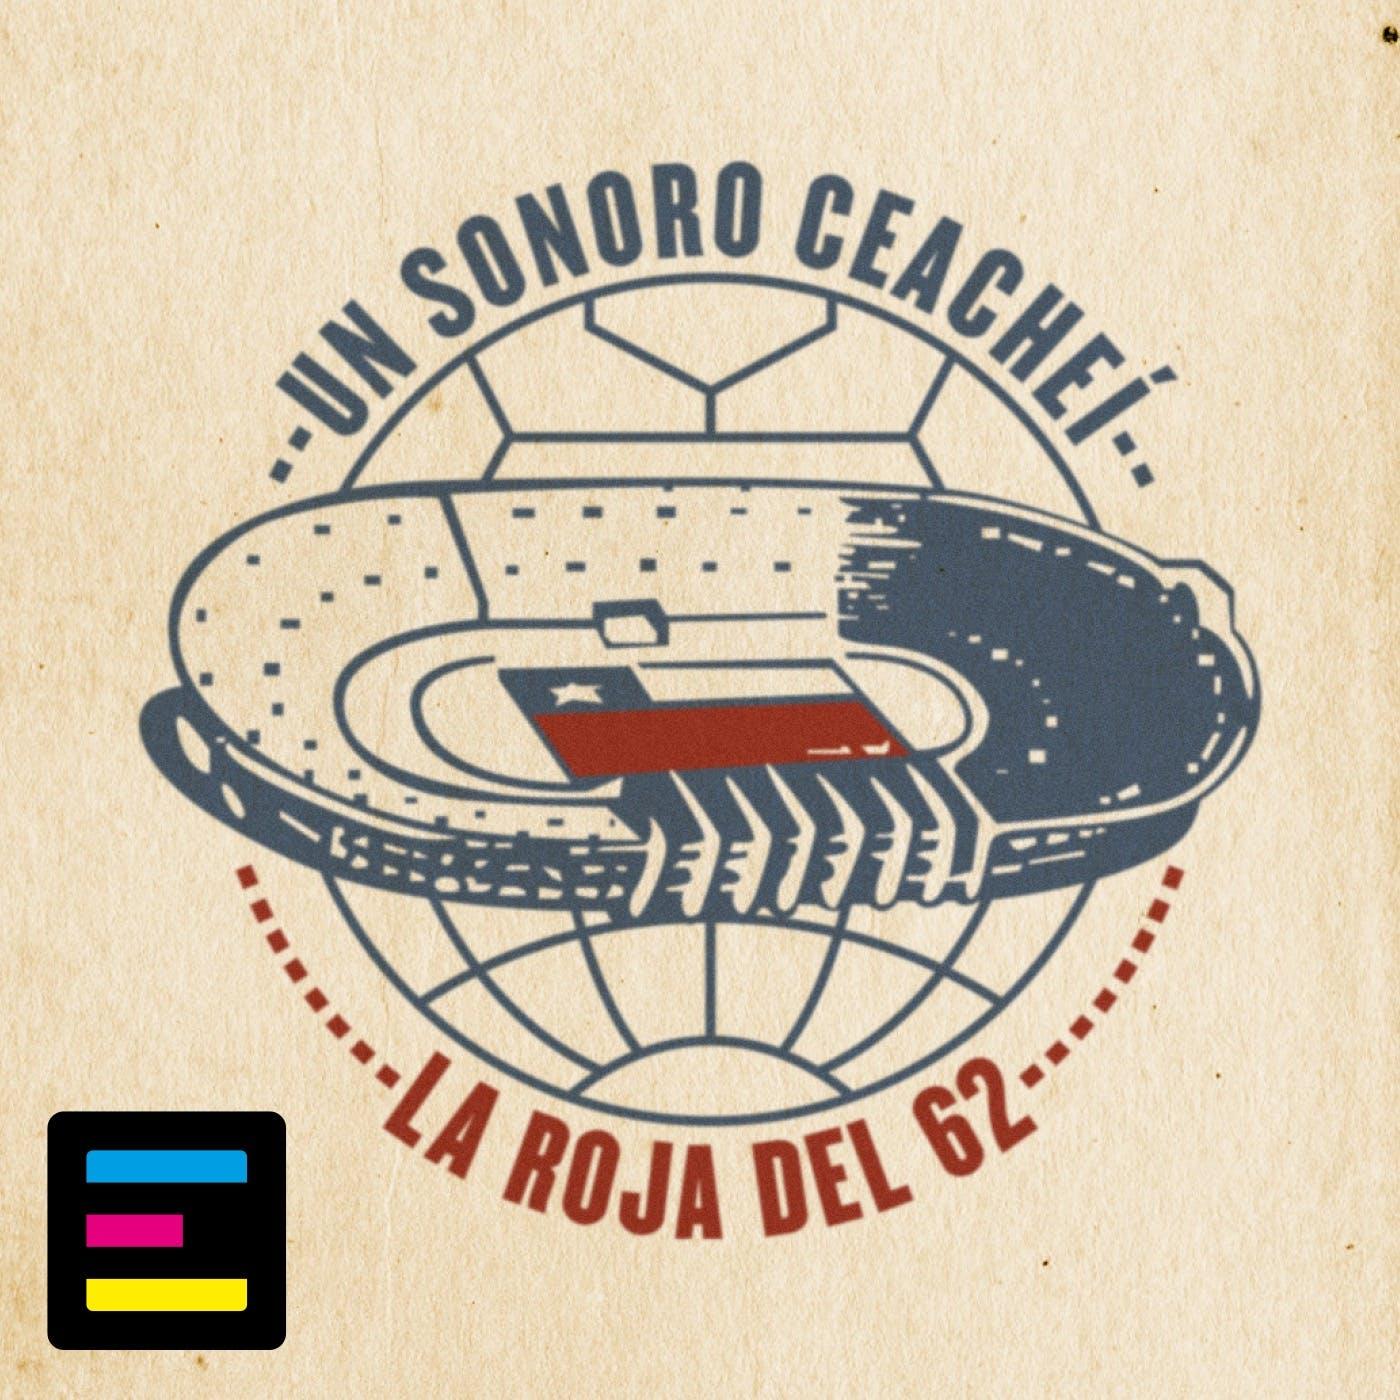 Un Sonoro Ceacheí: La Roja del '62